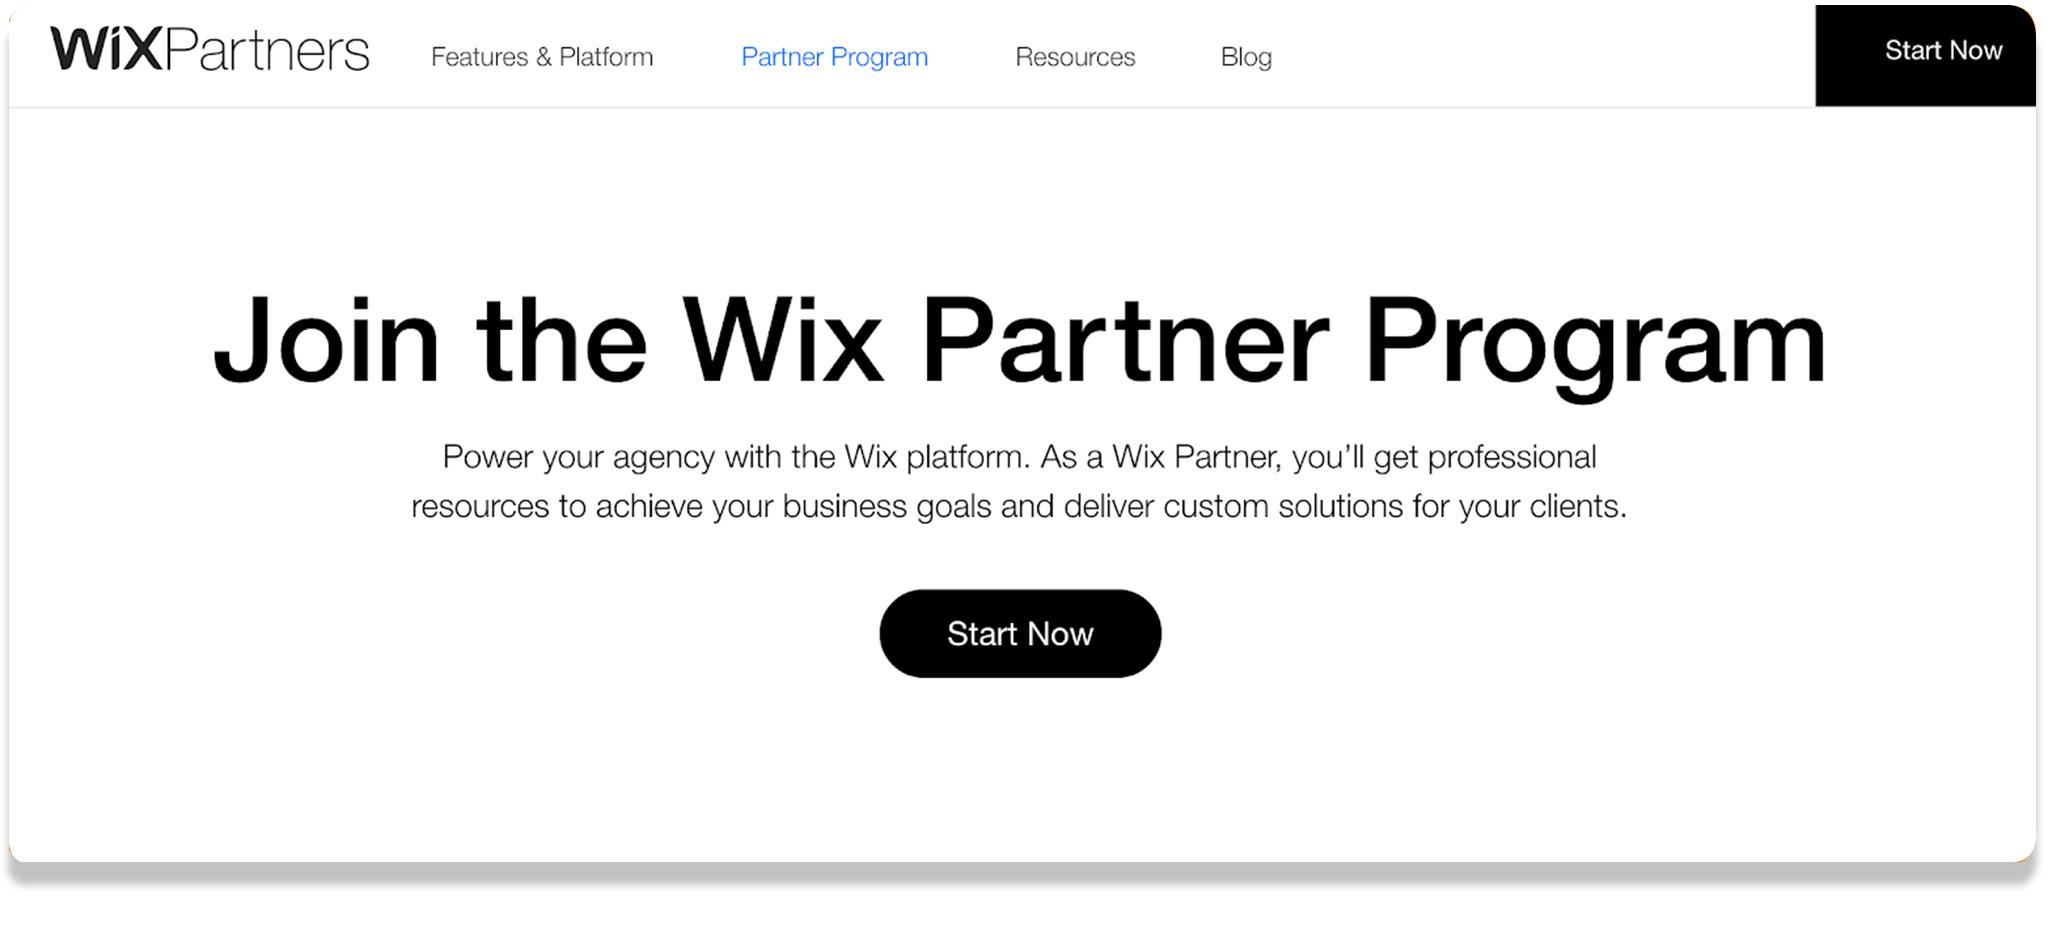 Wix affilaite Program